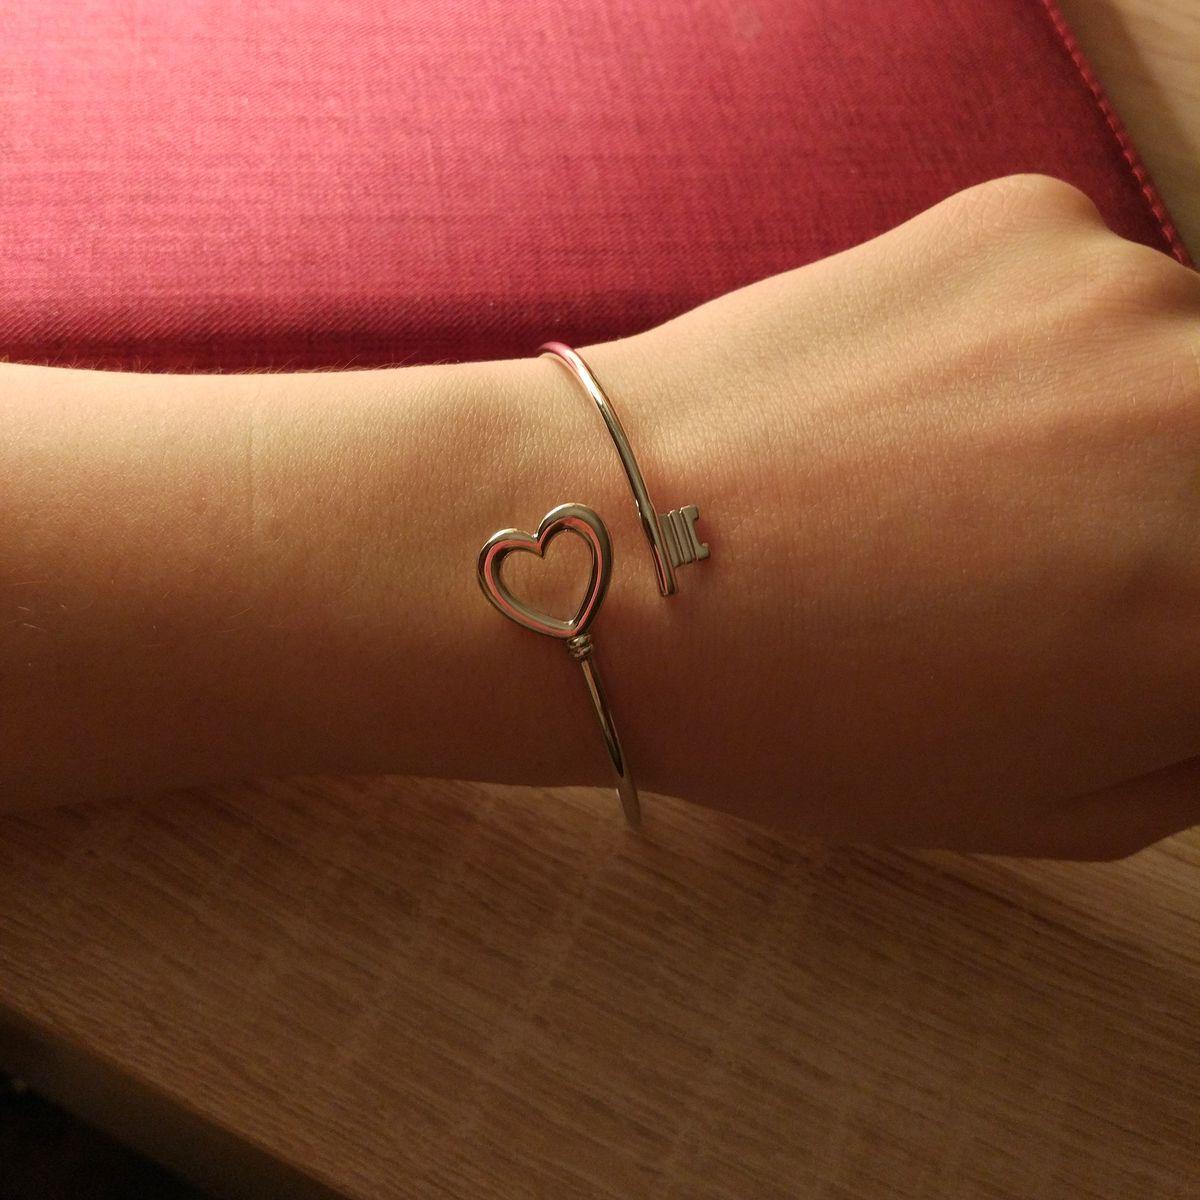 Красивый браслет 😍😍😍